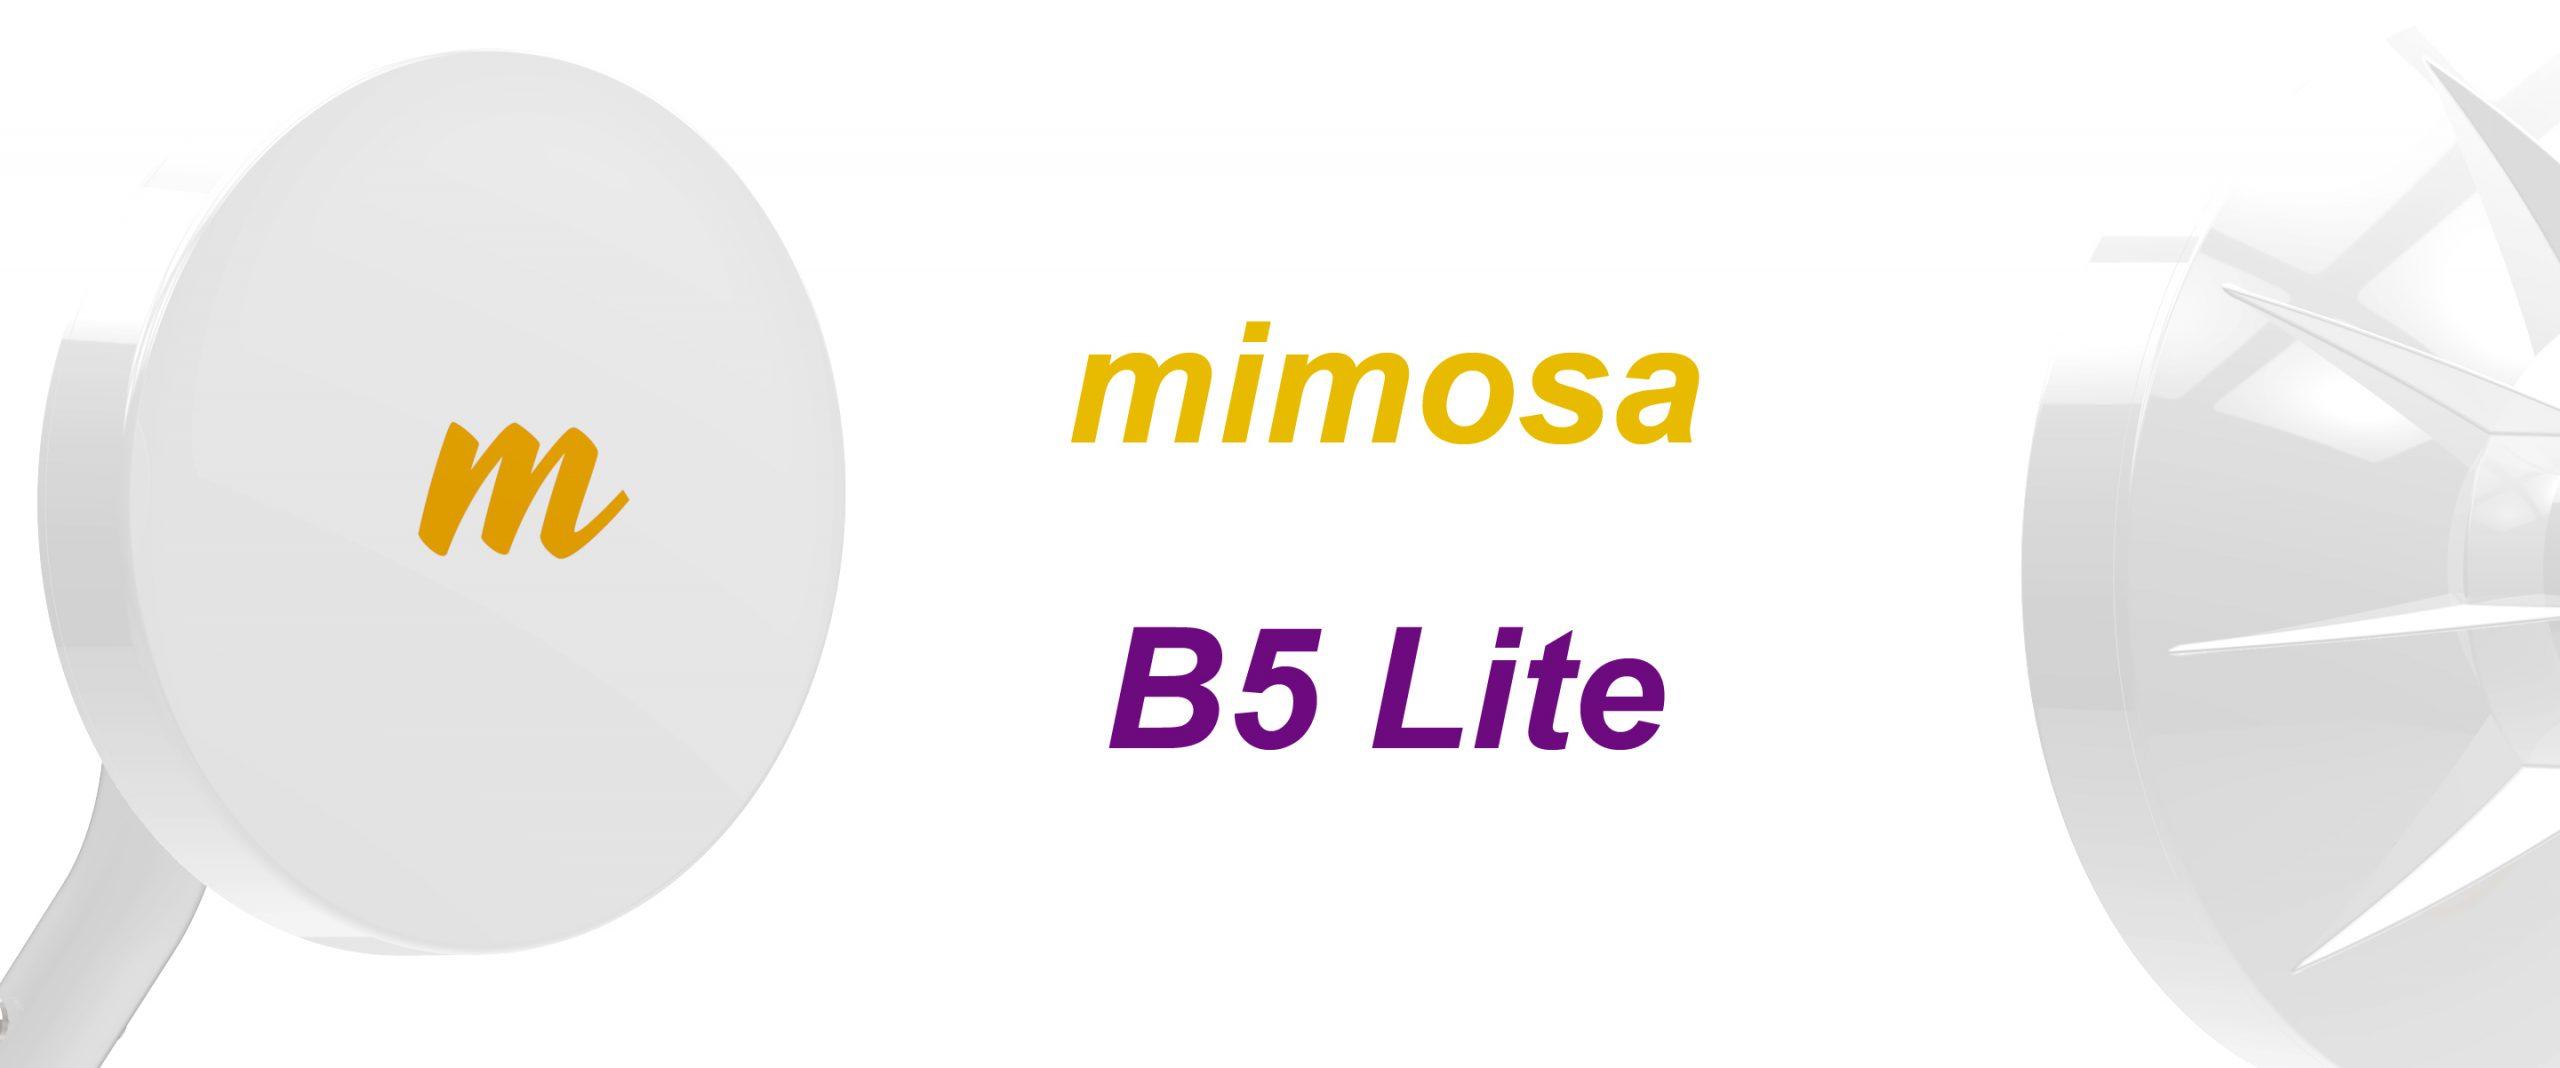 رادیو وایرلس میموسا mimosa b5lite